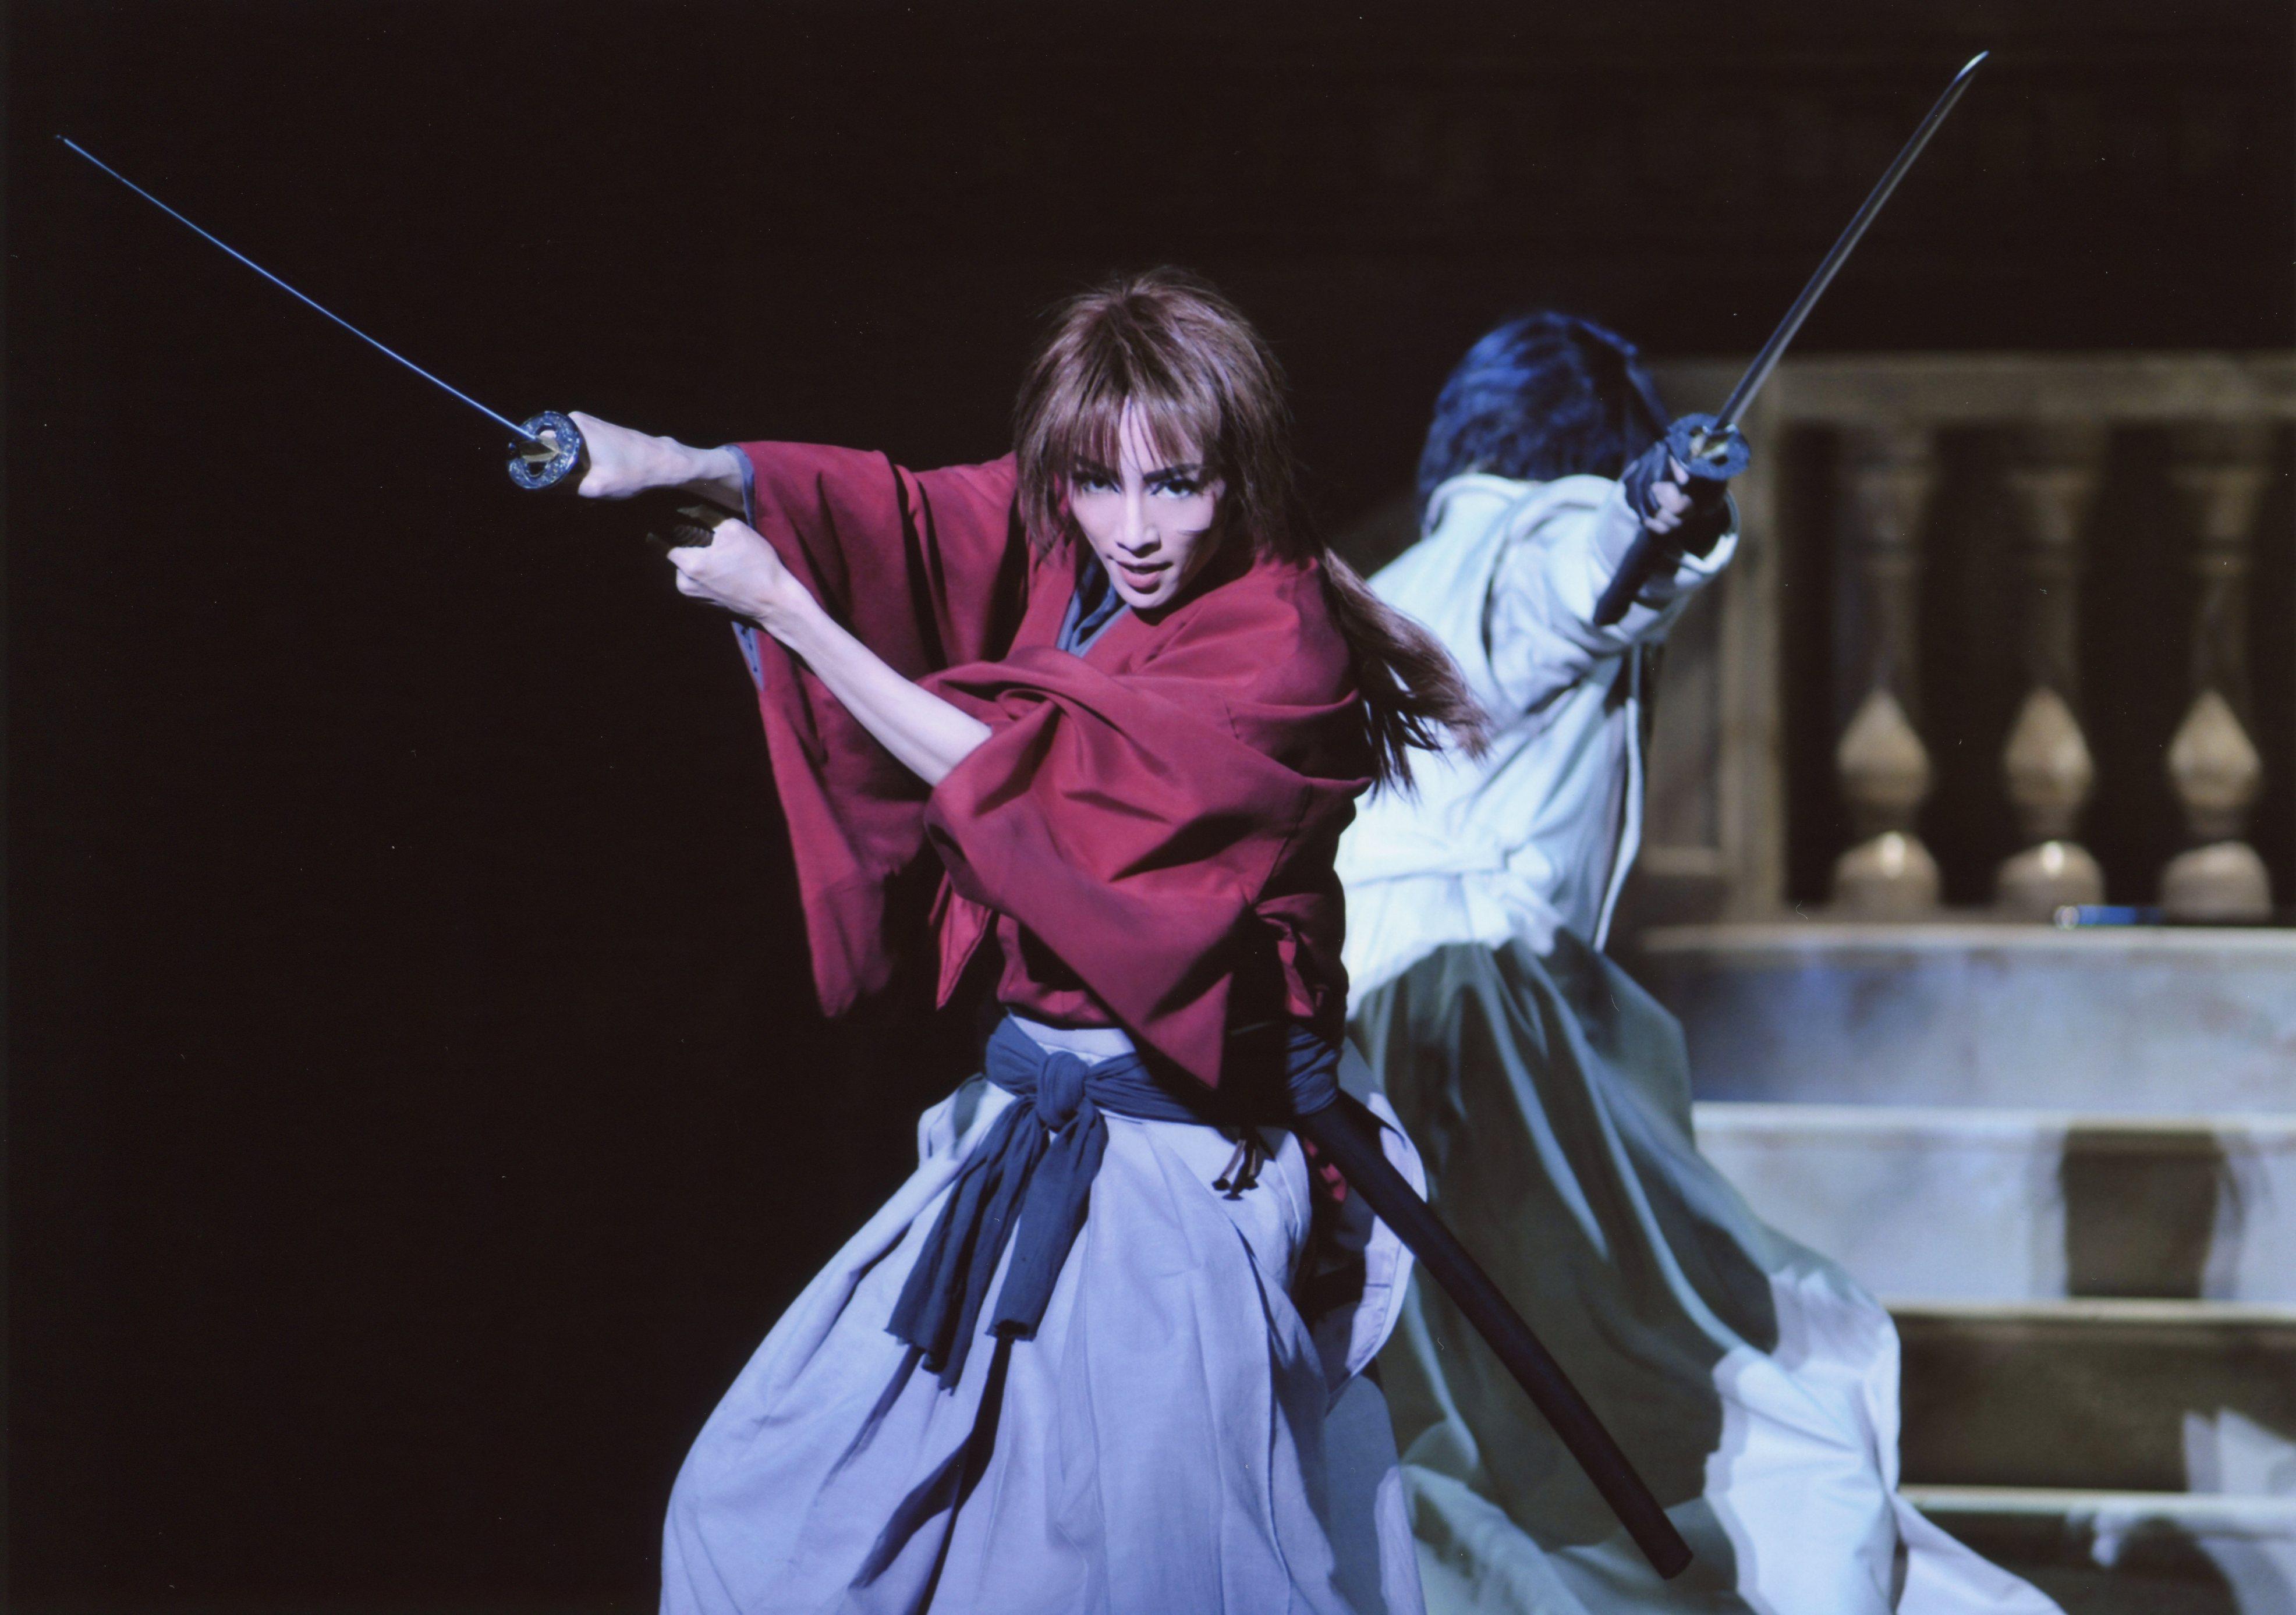 宝塚歌劇雪組『るろうに剣心』 早霧せいな